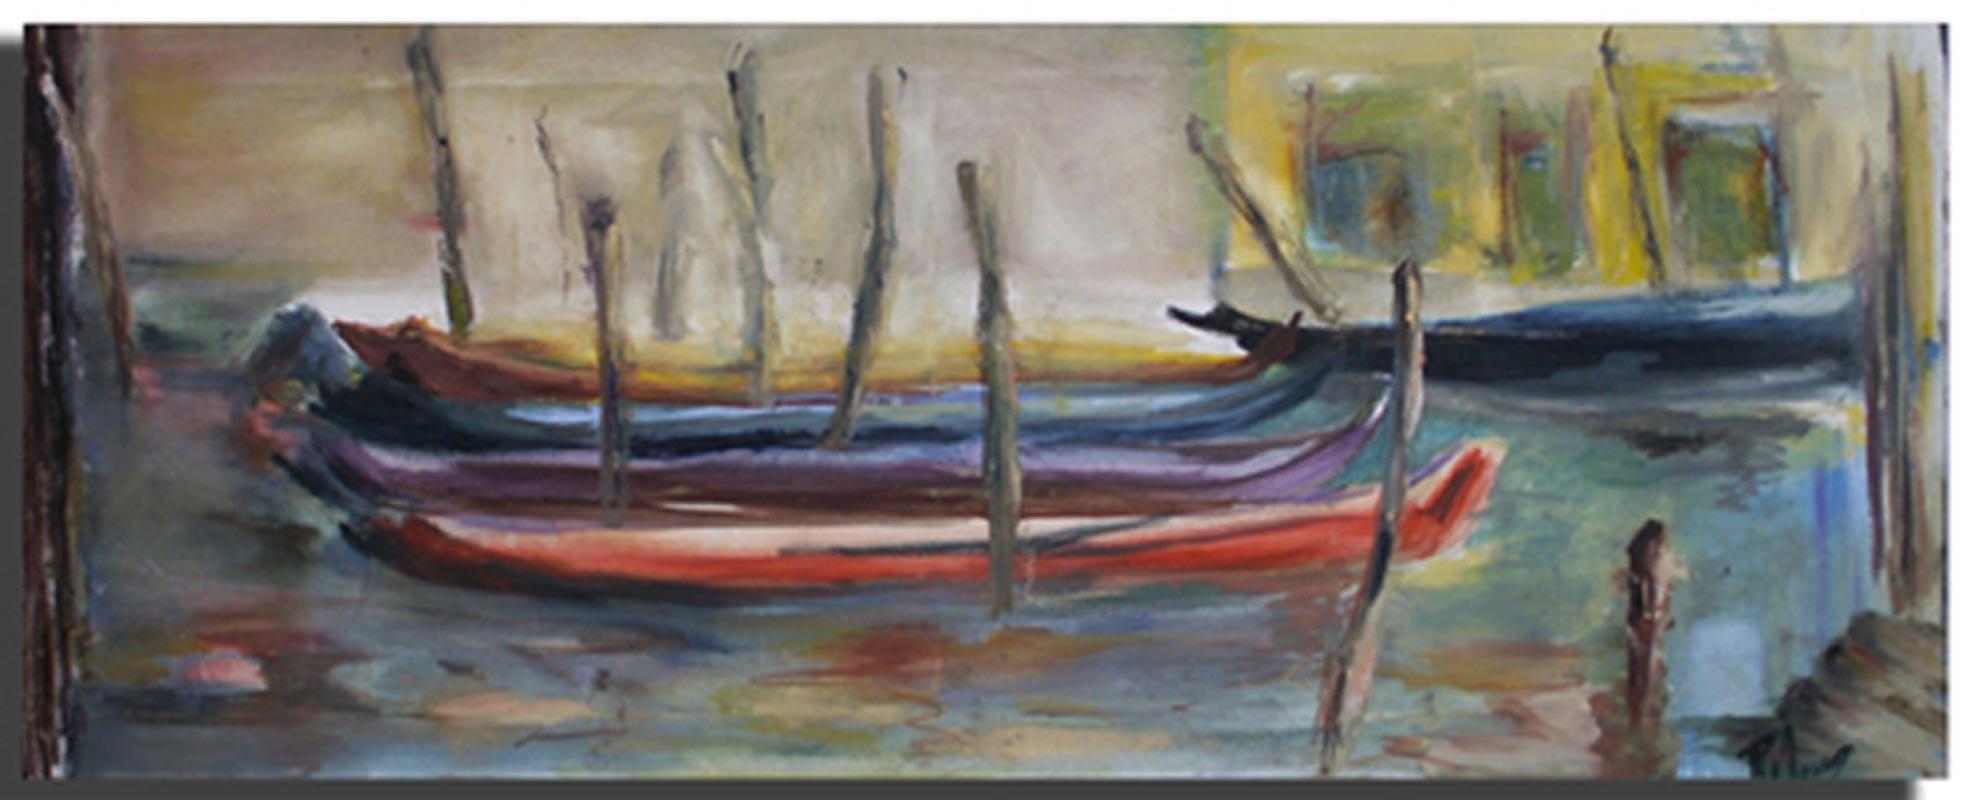 Gondoles Huile sur toile 30cm x 70cm, encadré (Disponible)